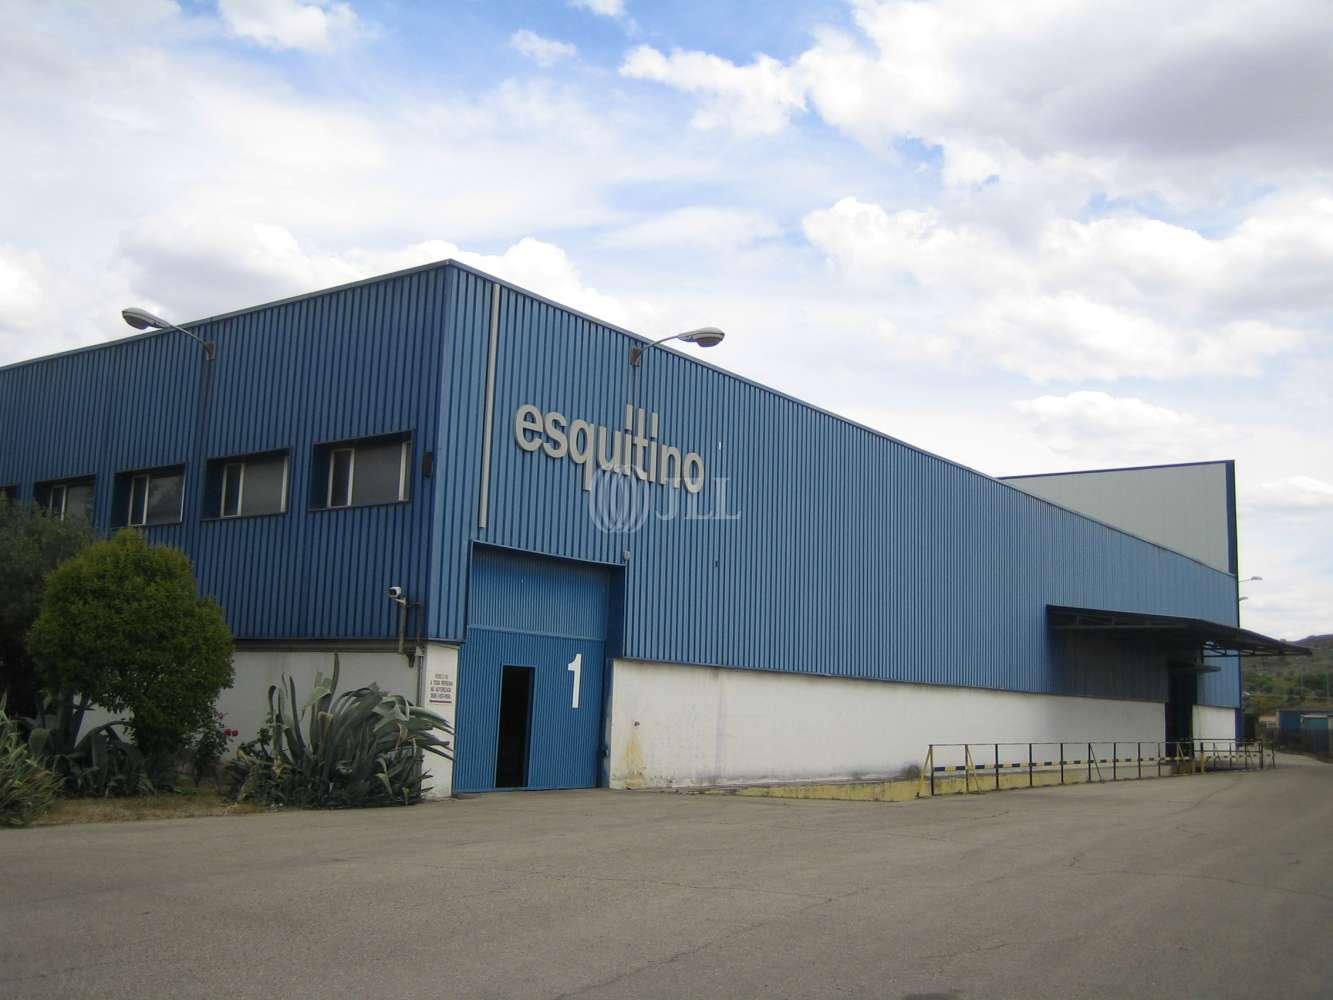 Naves industriales y logísticas Arganda del rey, 28500 - M0144 - P.I. ARGANDA DEL REY